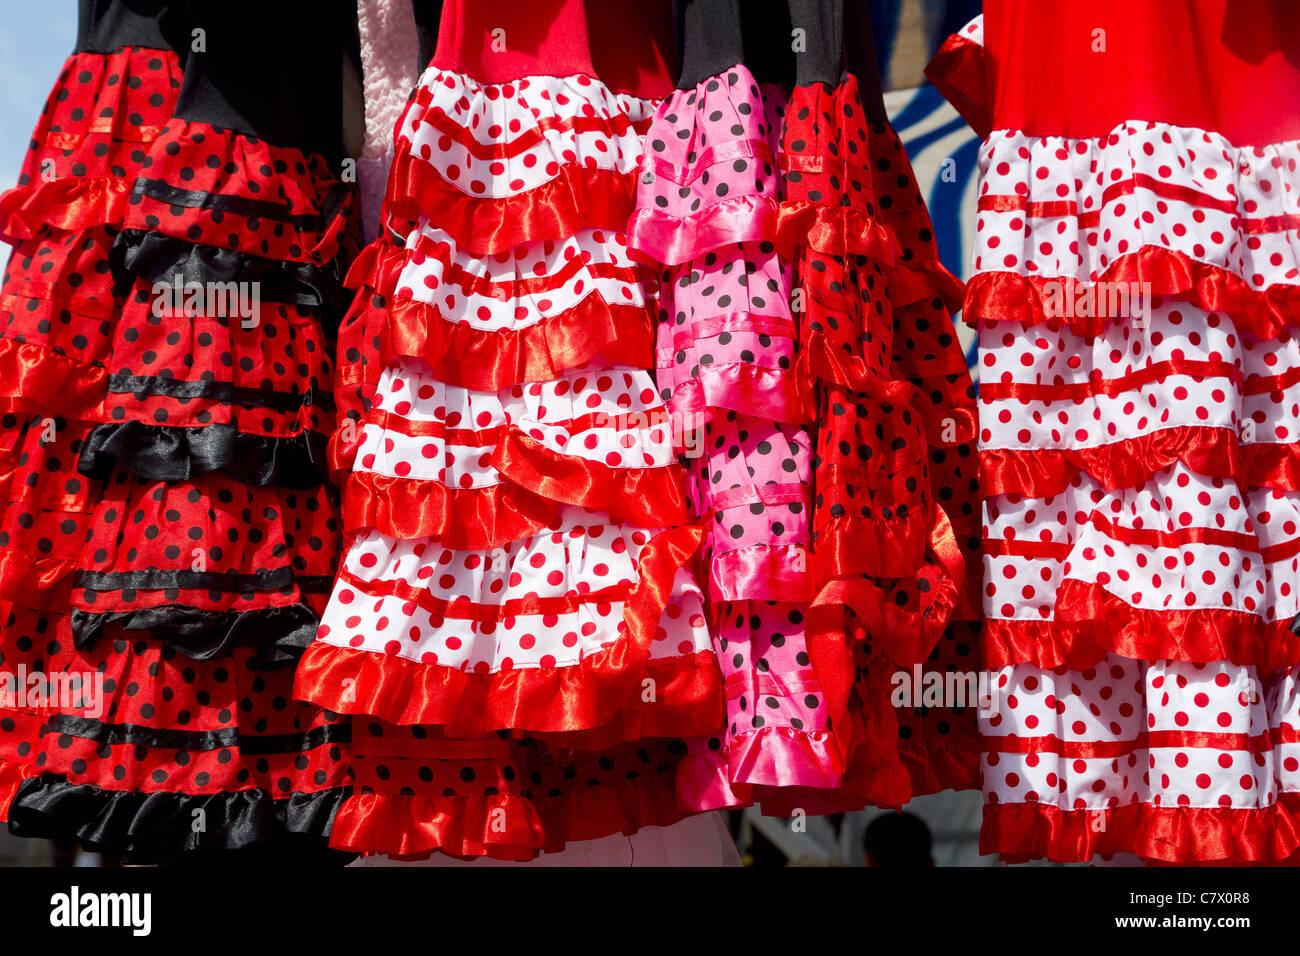 Rosa roja coloridos trajes de bailaor flamenco gitano andaluz Imagen De Stock